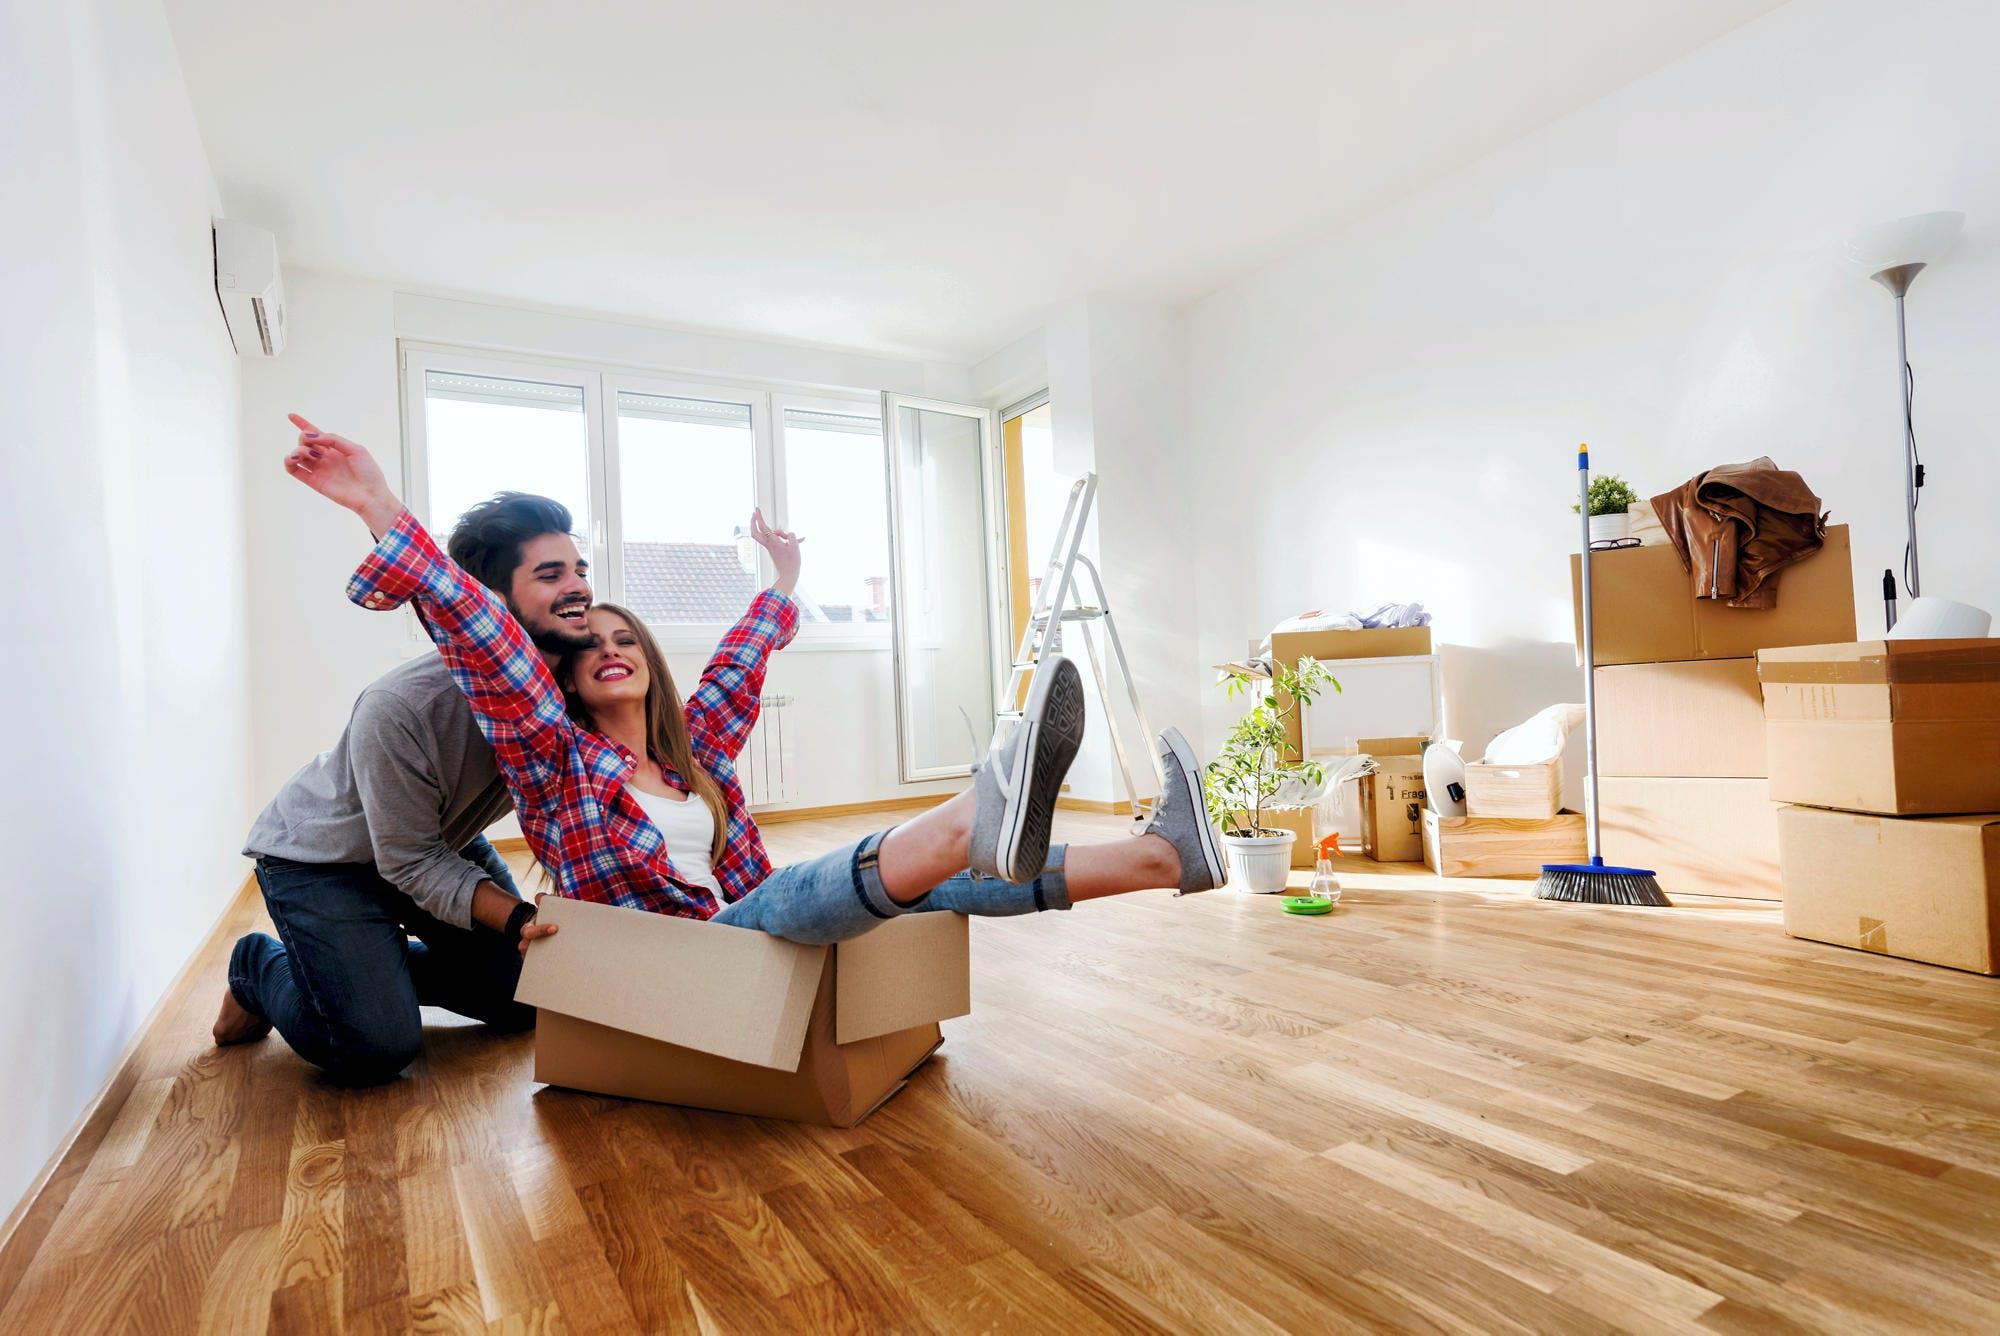 Conseils pour s'installer sereinement dans une nouvelle maison